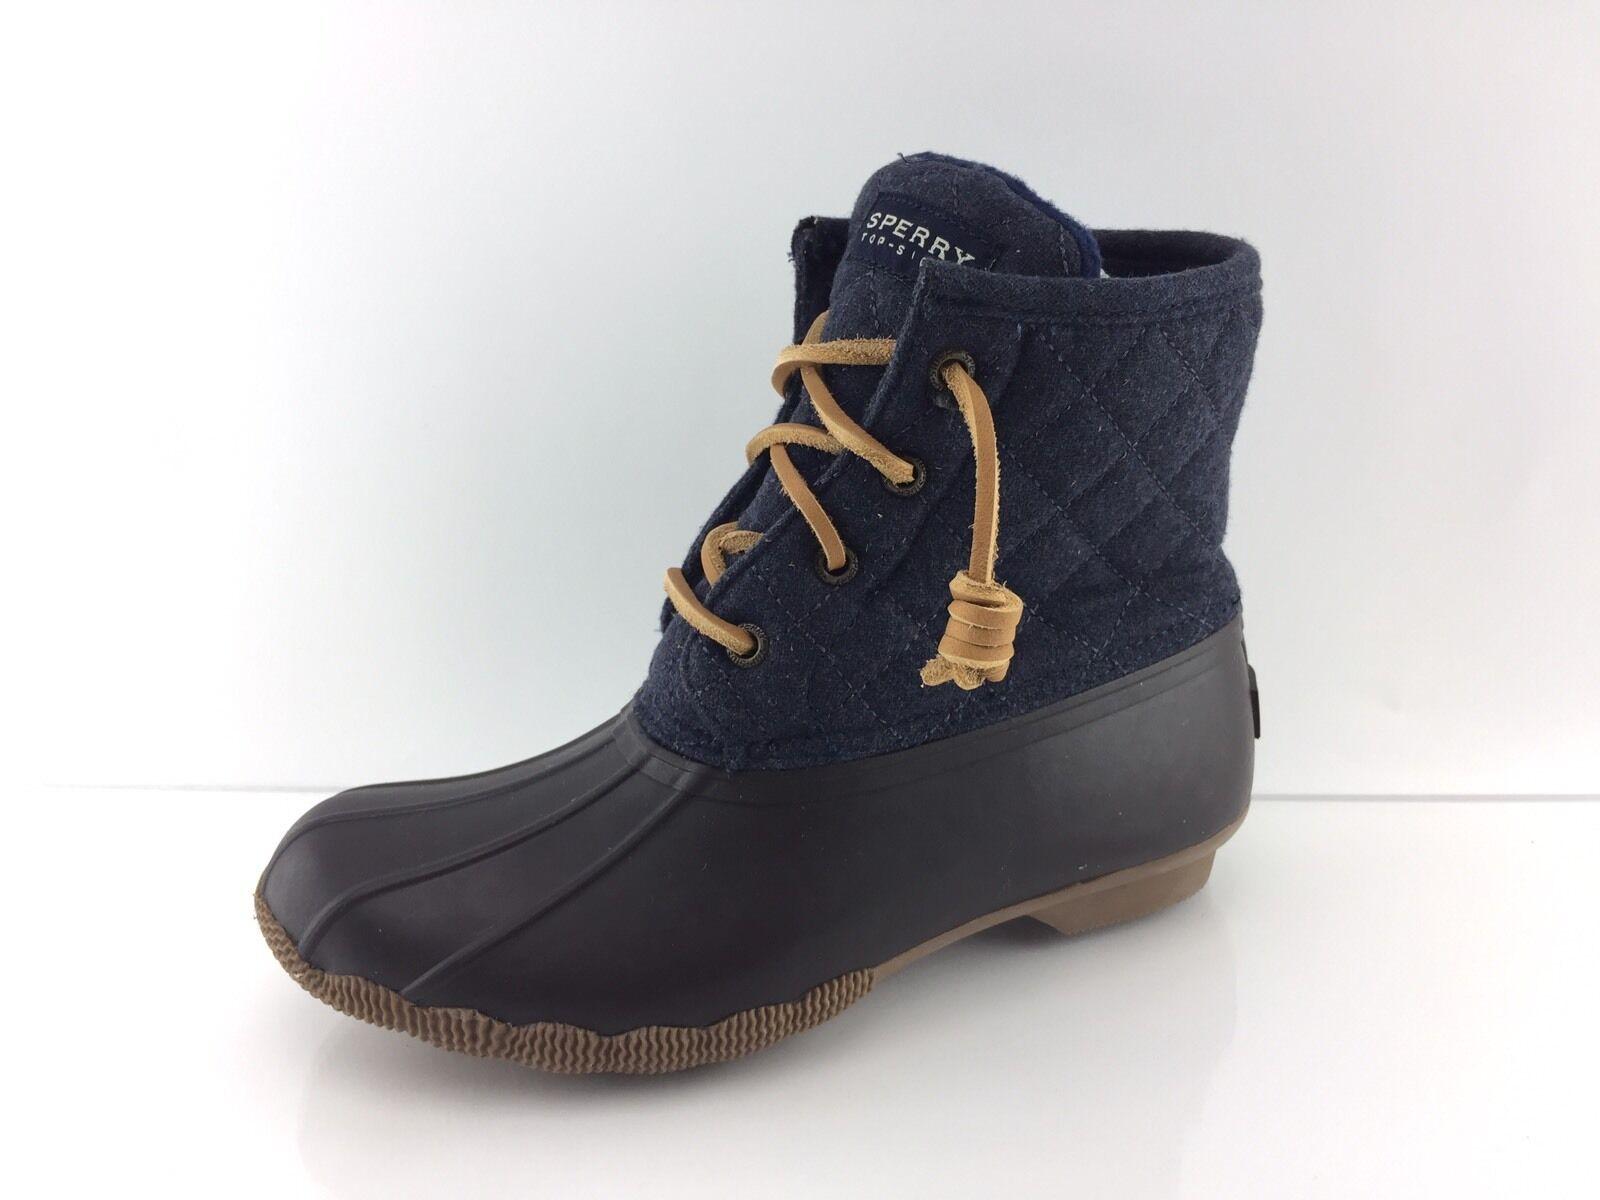 il miglior servizio post-vendita Sperry Top Sider Sider Sider Saltwater Wool Donna  Navy Dark Marrone Ankle stivali 5  saldi